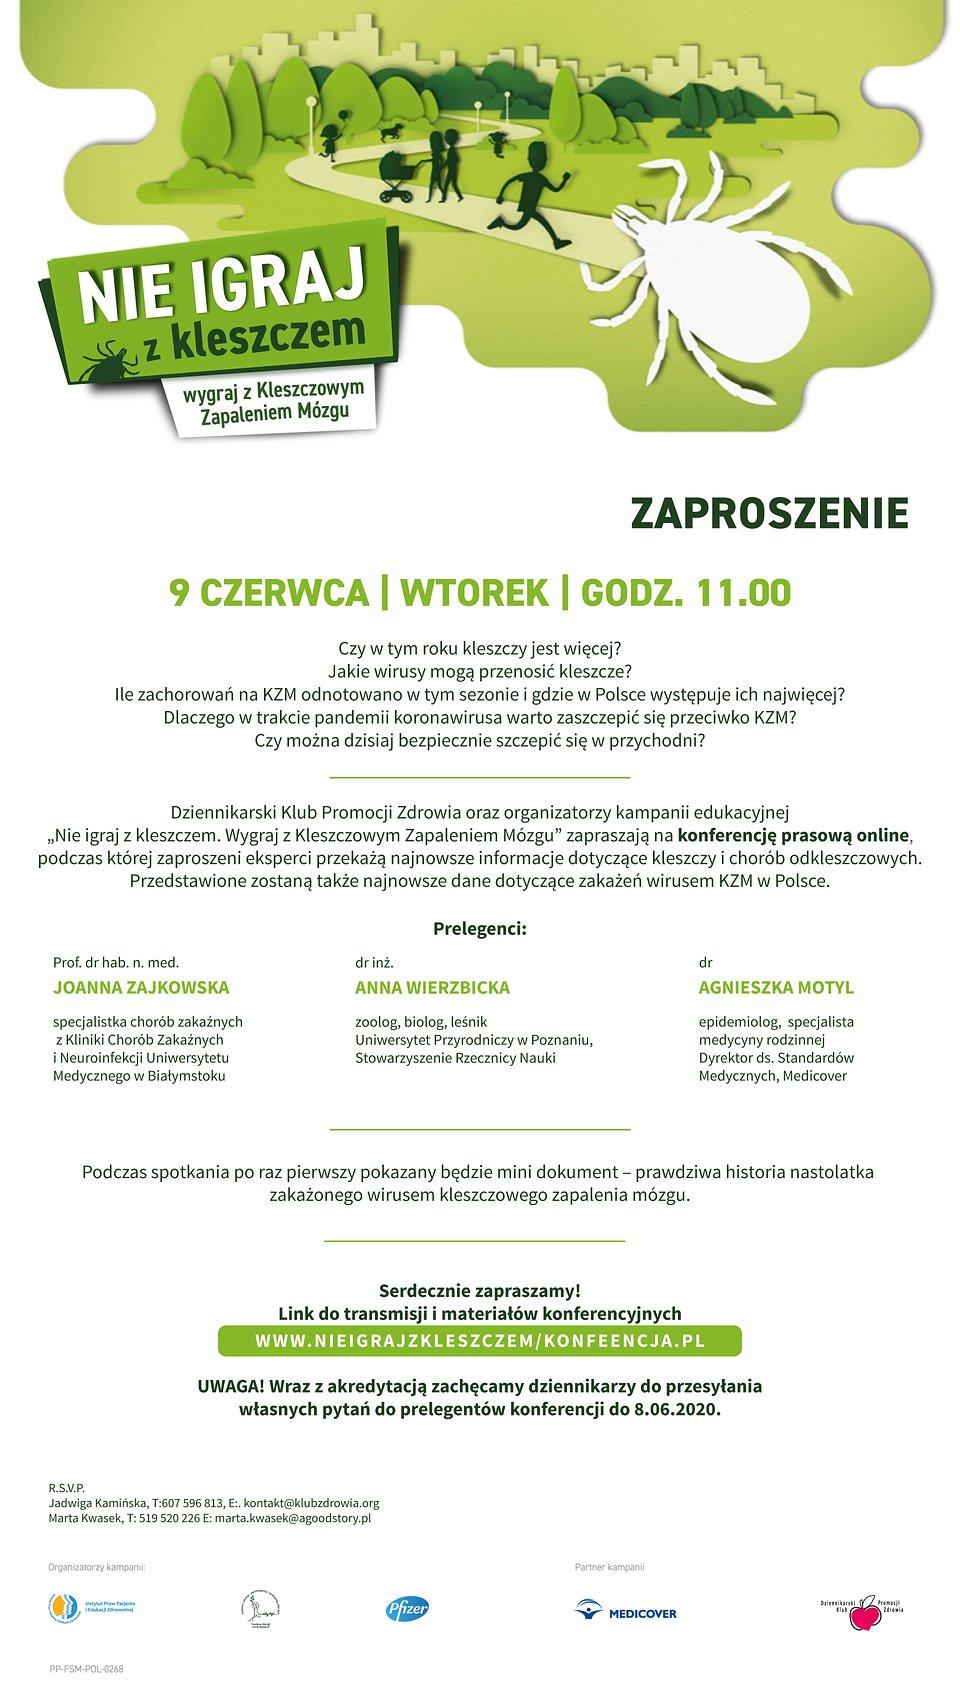 02_06_2020_zaproszenie_kzm_emil_055.jpg